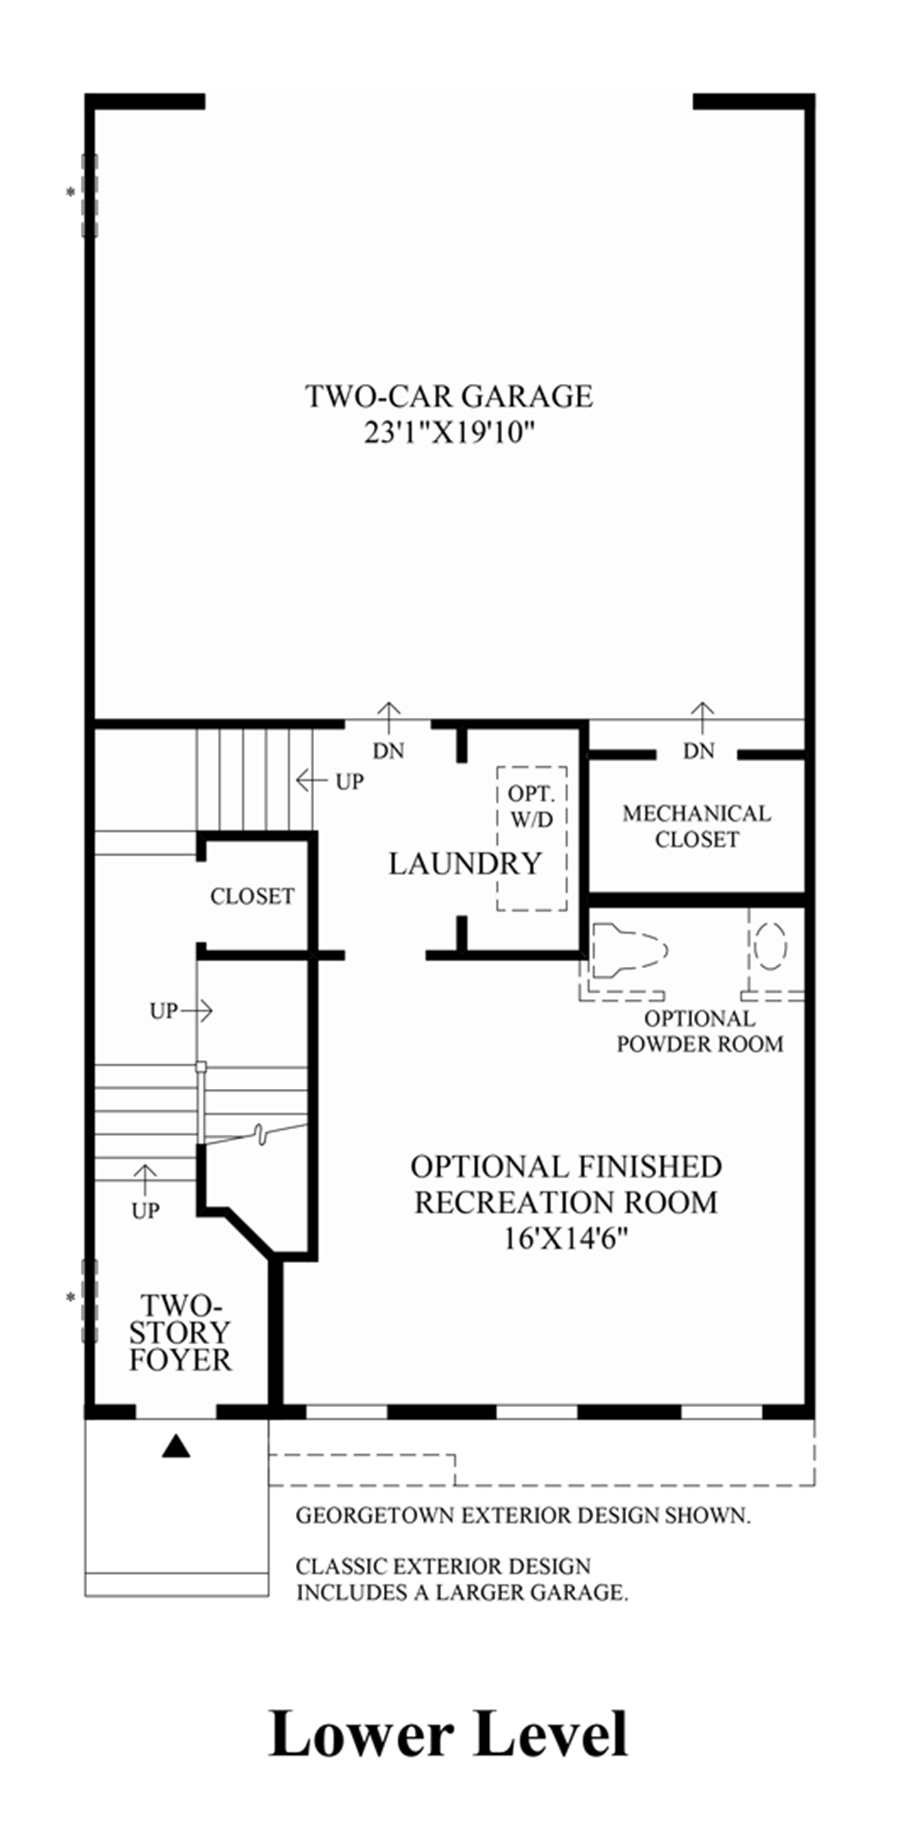 Lower Level (Lower Level Entry) Floor Plan